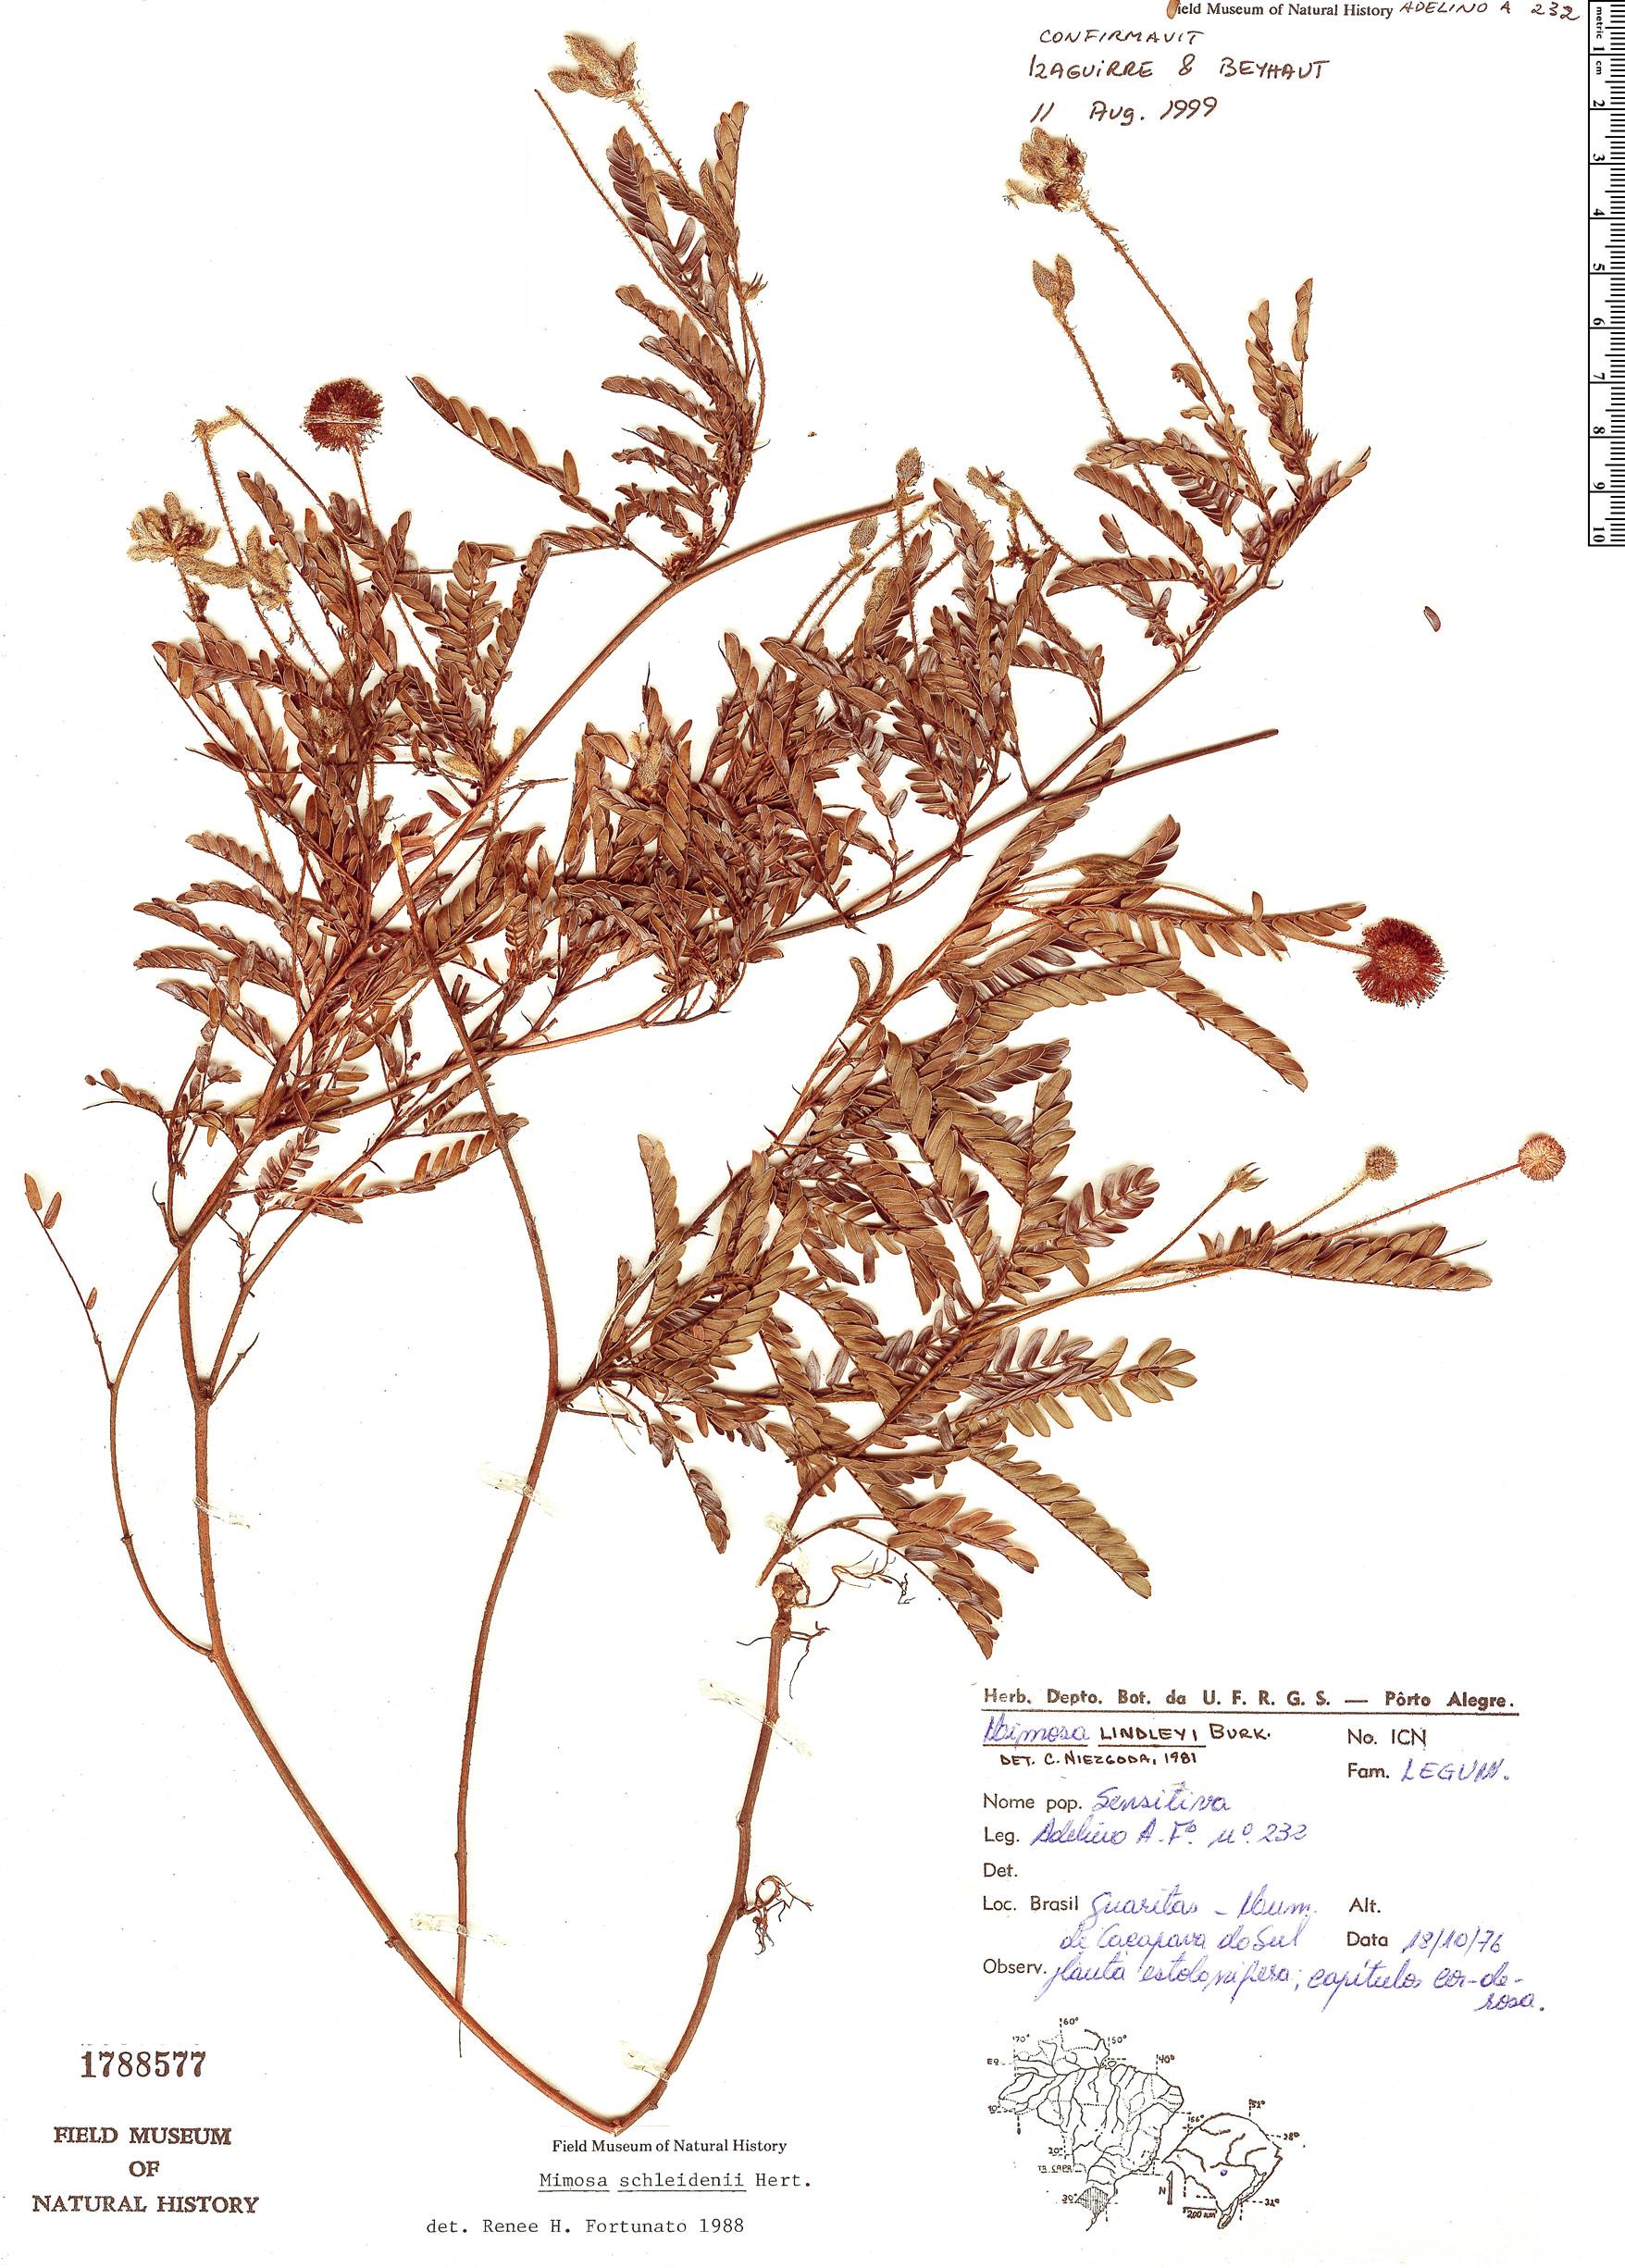 Specimen: Mimosa schleidenii